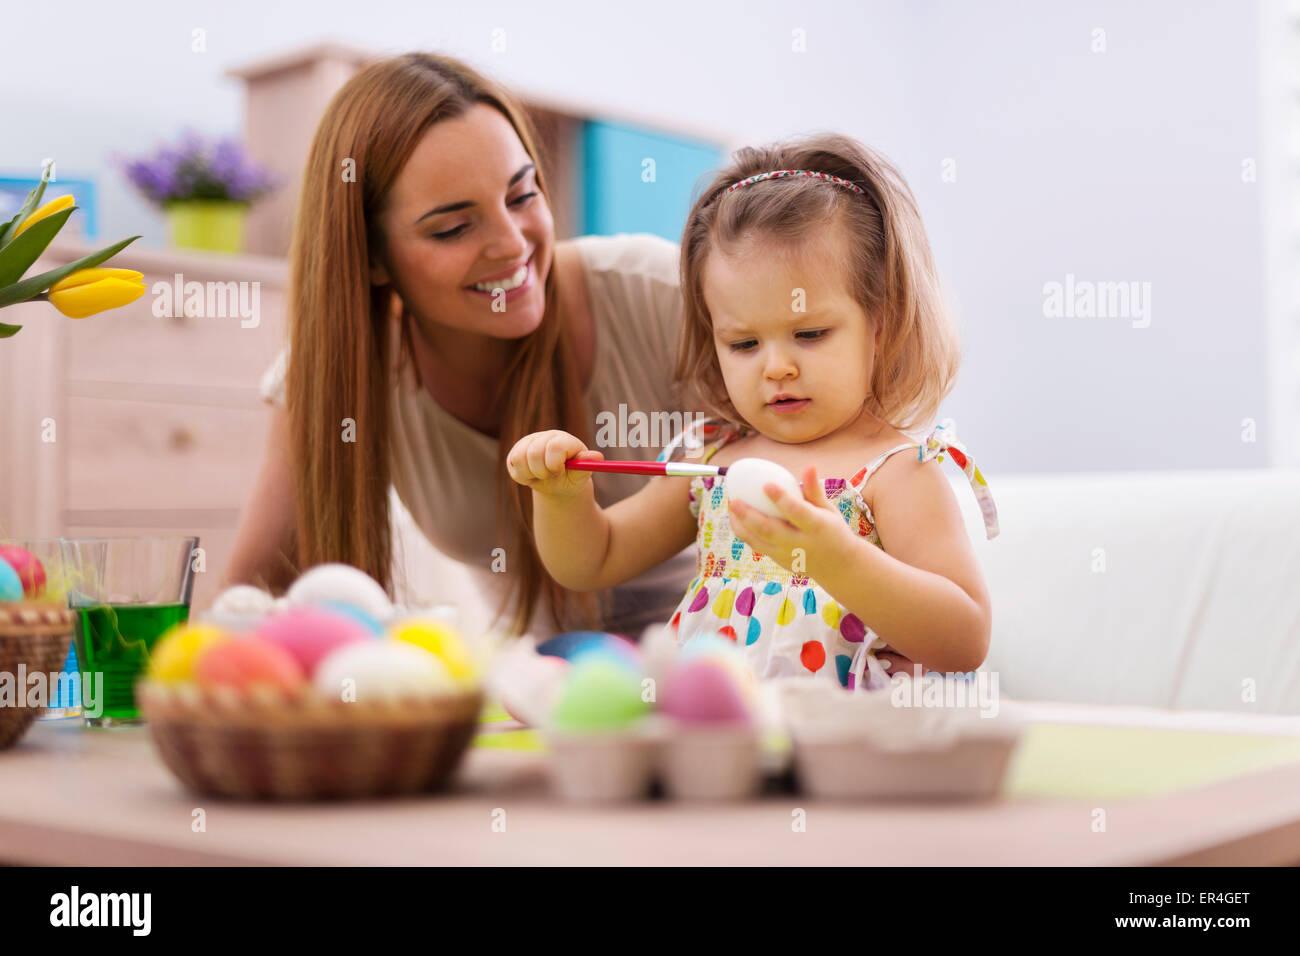 Familia jugando durante la pintura de huevos de pascua. Debica, Polonia Imagen De Stock